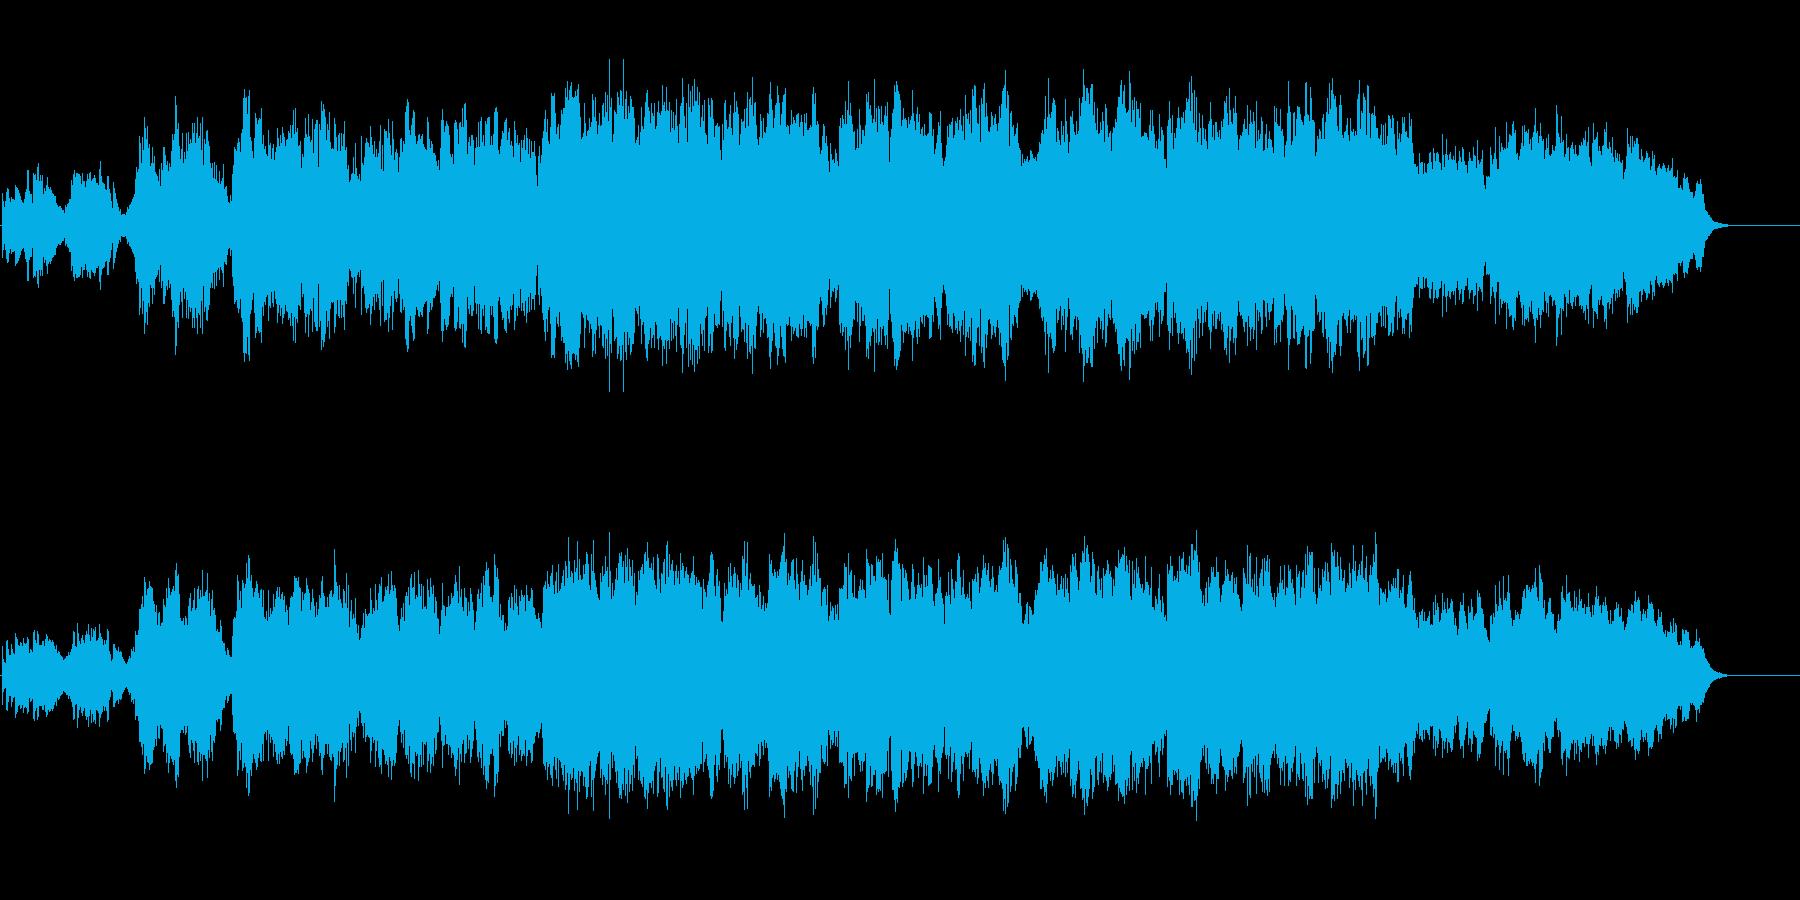 幻想的な環境BGの再生済みの波形